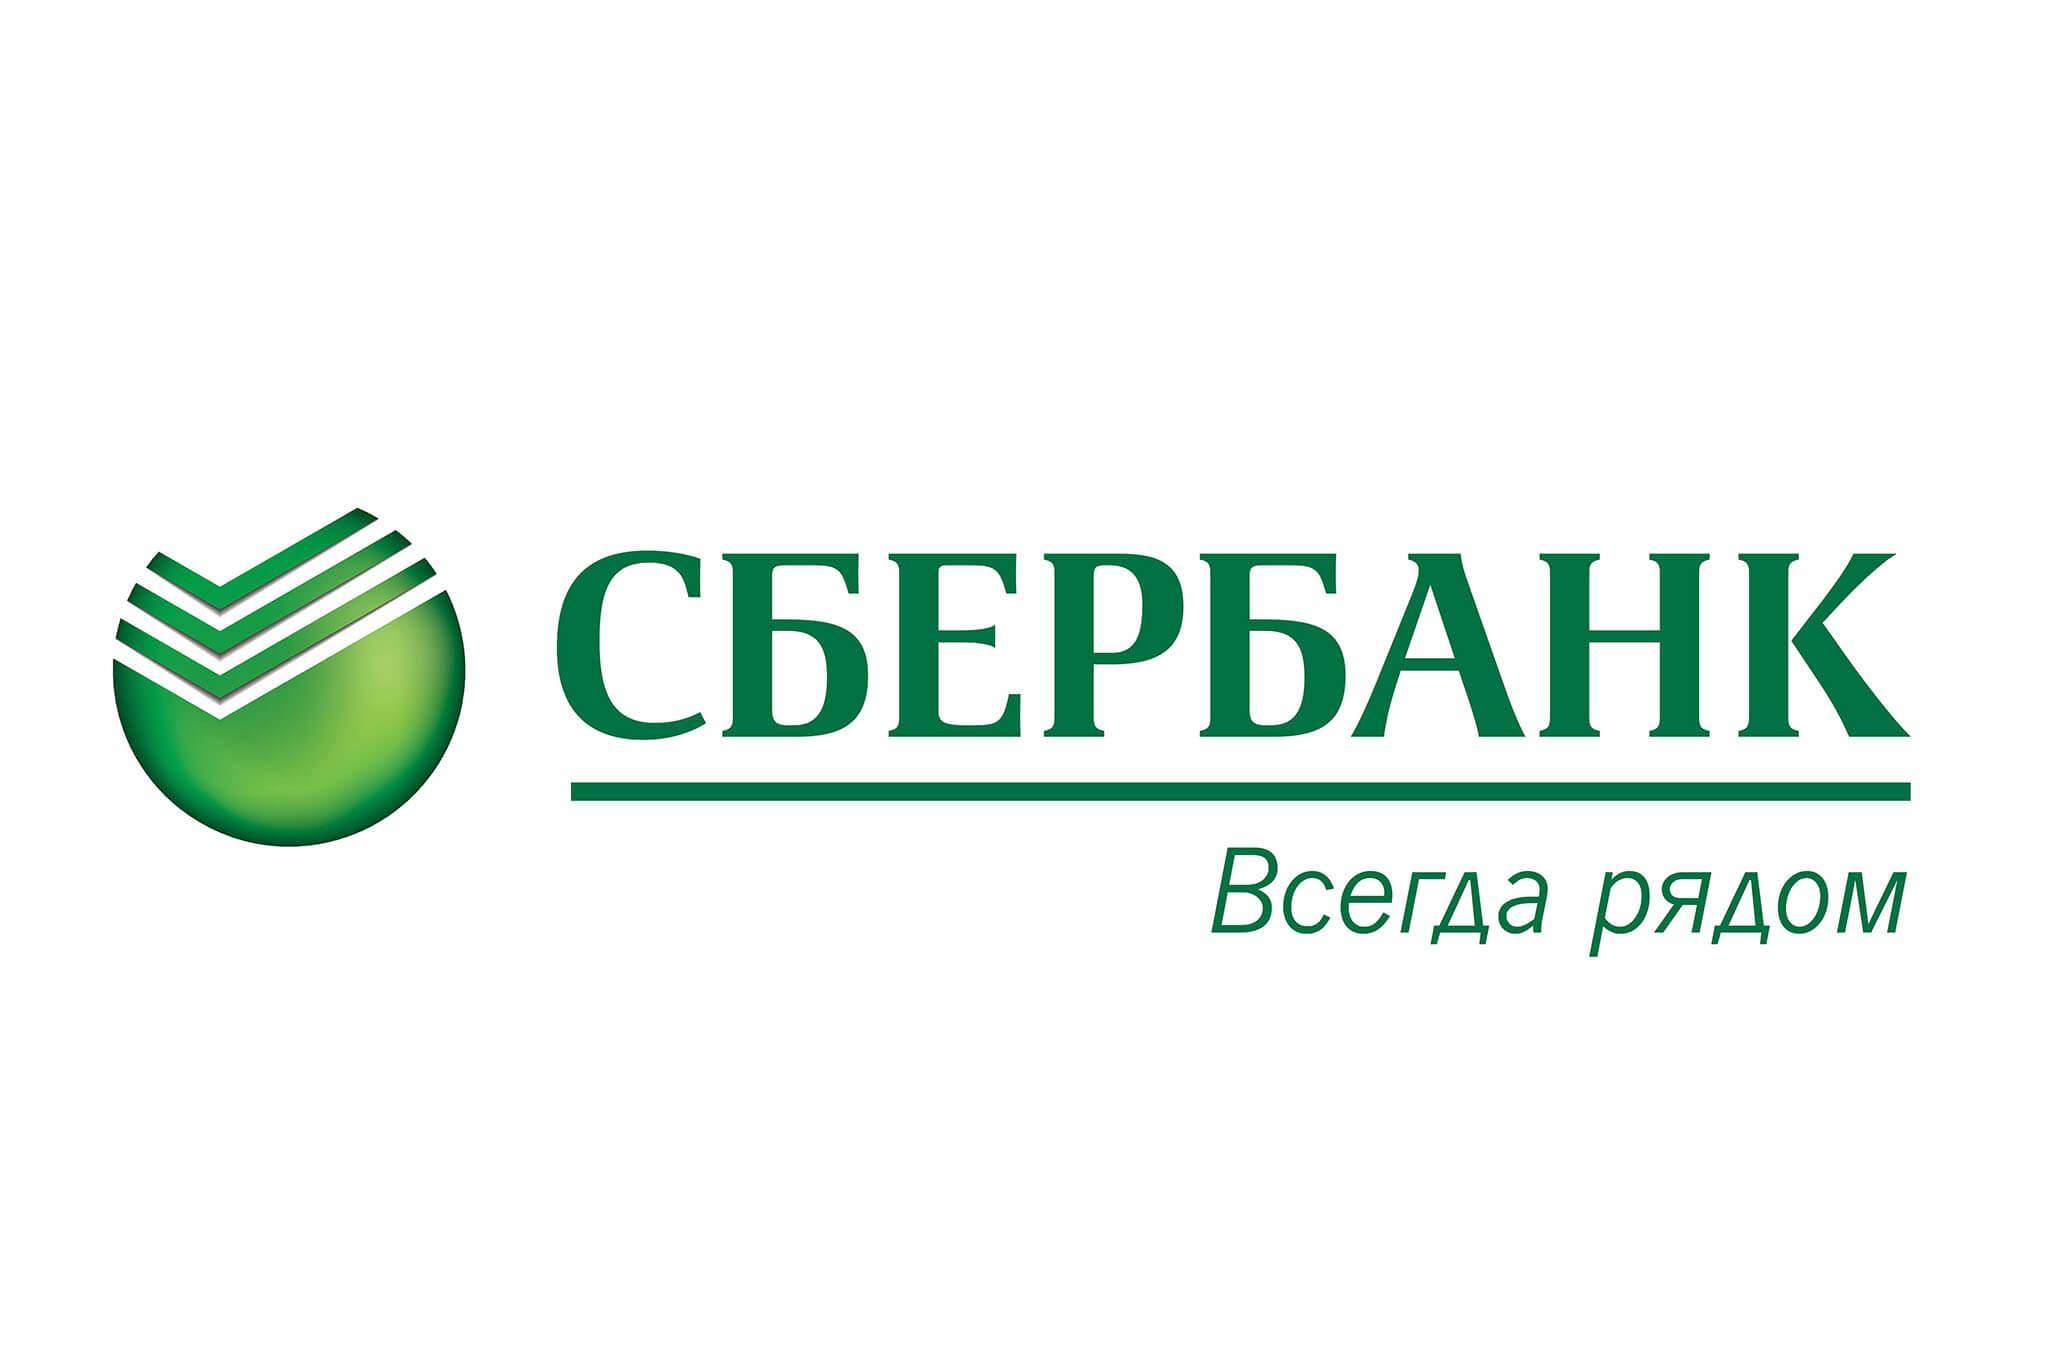 Сбербанк официальный сайт кредиты потребительские физических